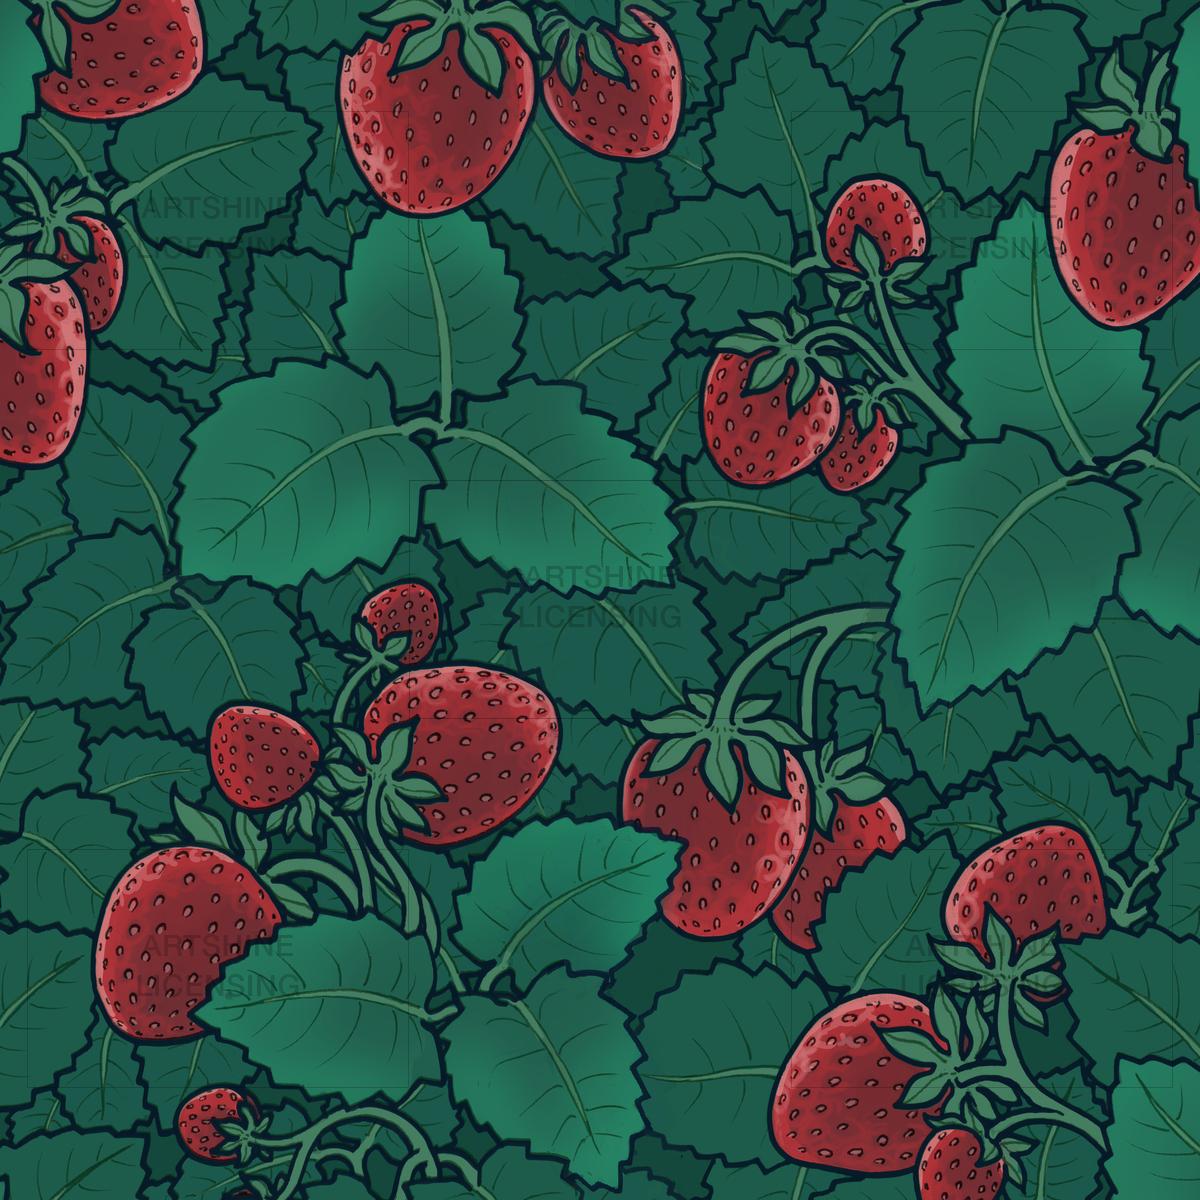 Strawberries #01